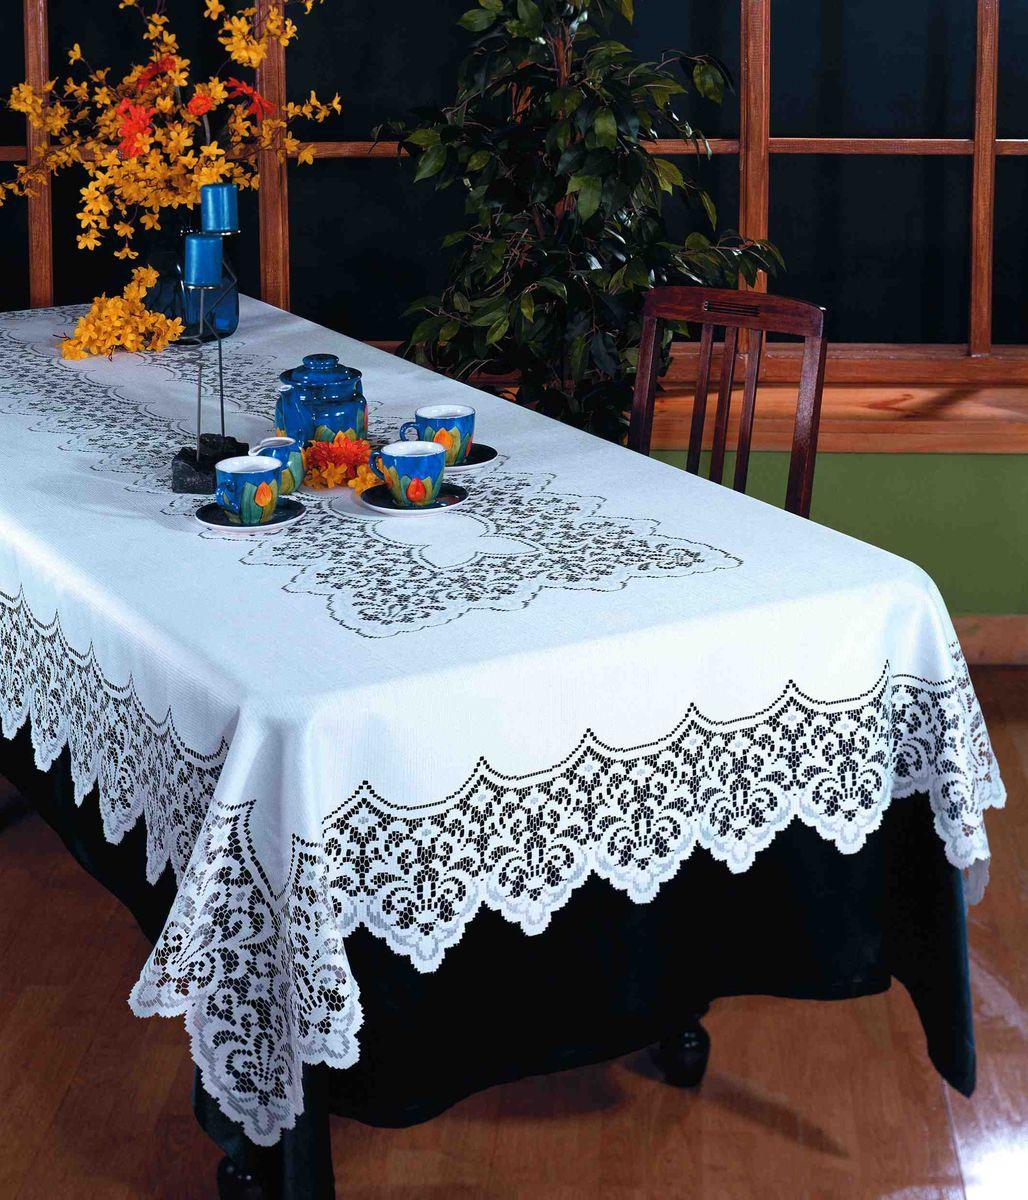 Скатерть Wisan Fukasz, прямоугольная, цвет: белый, 150 x 300 см1826Великолепная прямоугольная скатерть Wisan Fukasz, выполненная из 100% полиэстера, органично впишется в интерьер любого помещения, а оригинальный дизайн удовлетворит даже самый изысканный вкус. Скатерть изготовлена из сетчатого материала с ажурным орнаментом по краям и по центру. Скатерть Wisan Fukasz создаст праздничное настроение и станет прекрасным дополнением интерьера гостиной, кухни или столовой.